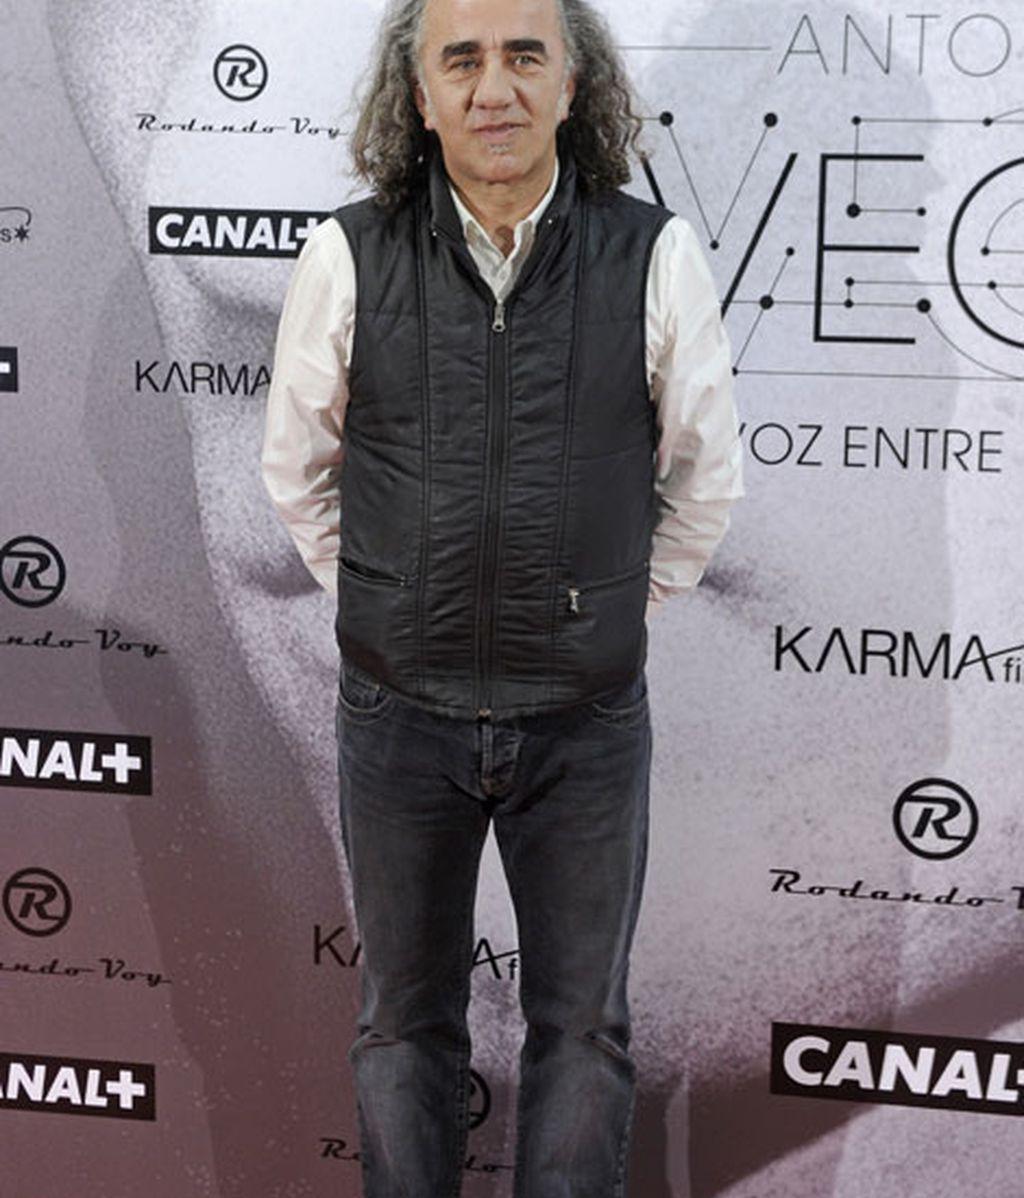 El cantante Teo Carralda no se perdió el estreno